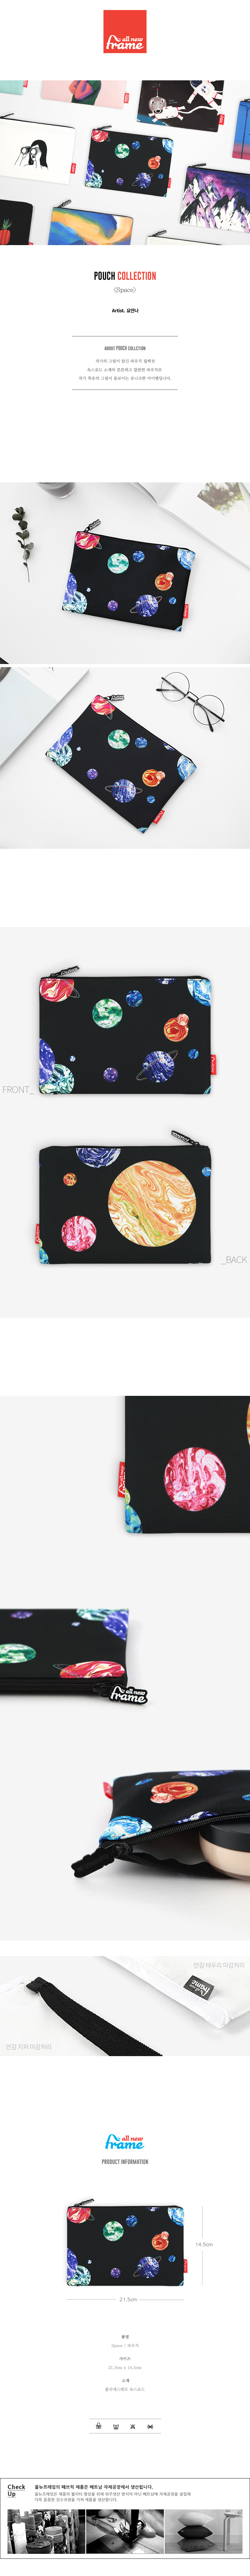 (파우치) Space - 올뉴프레임, 8,500원, 다용도파우치, 지퍼형